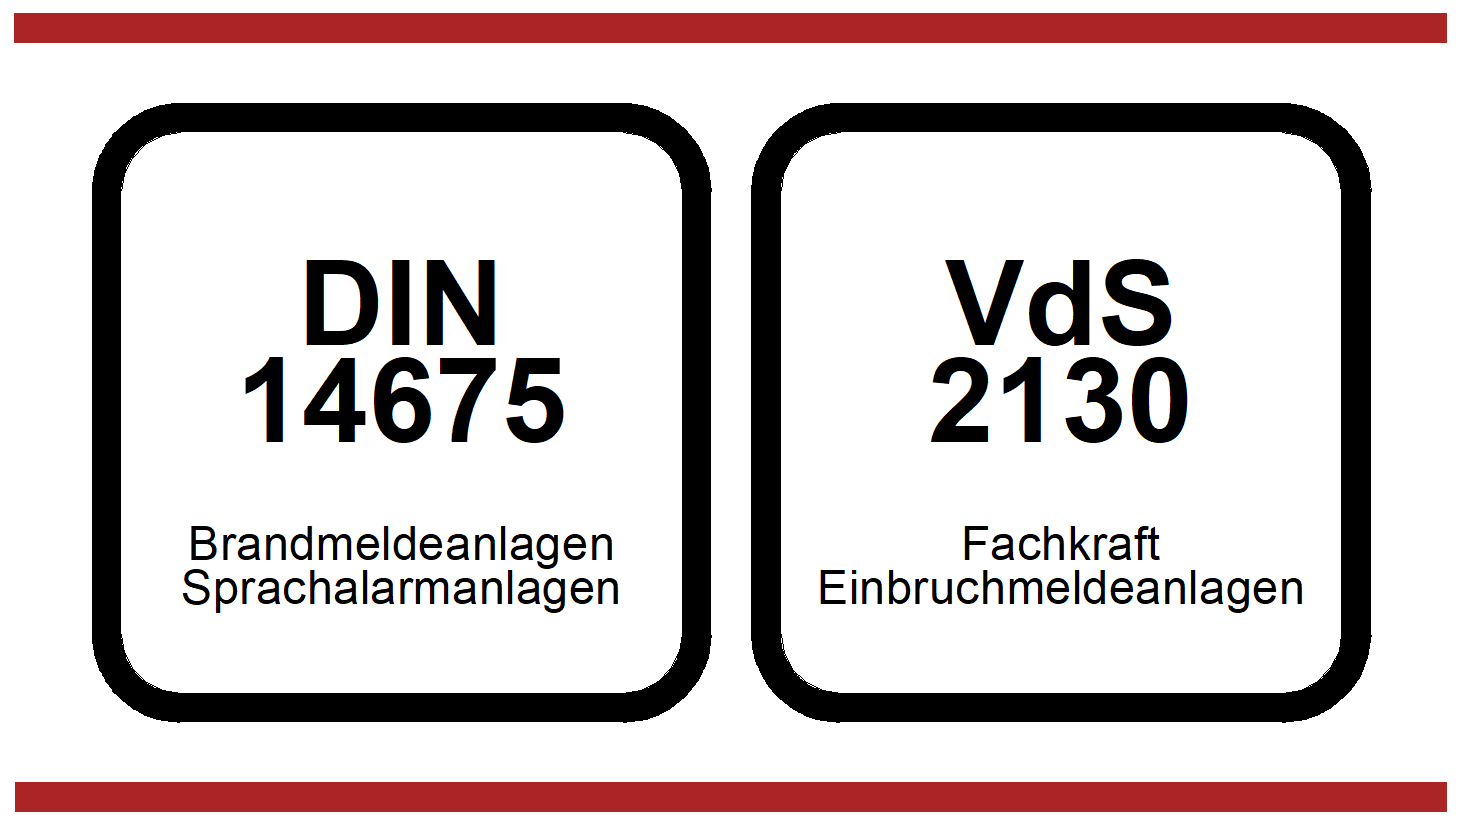 DIN14675-VdS2130